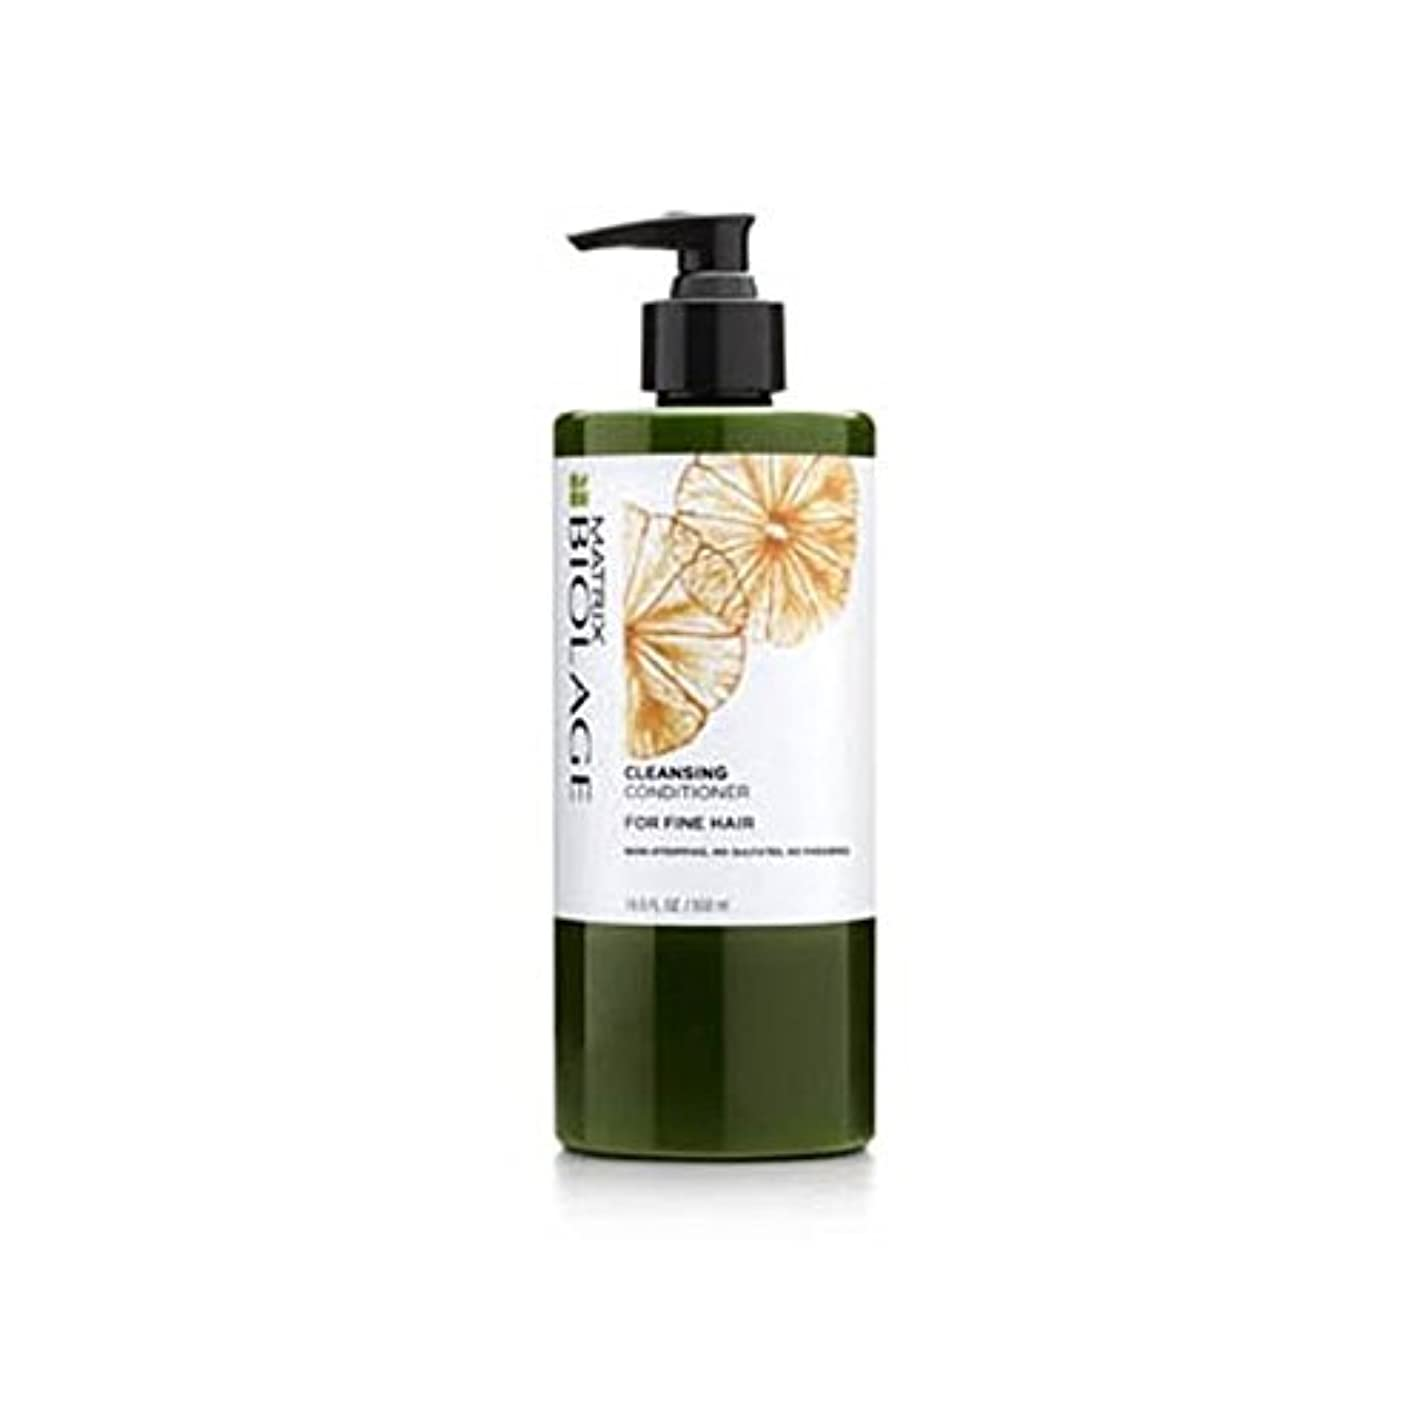 緩む痴漢聖歌Matrix Biolage Cleansing Conditioner - Fine Hair (500ml) (Pack of 6) - マトリックスバイオレイジクレンジングコンディショナー - 細い髪(500ミリリットル...